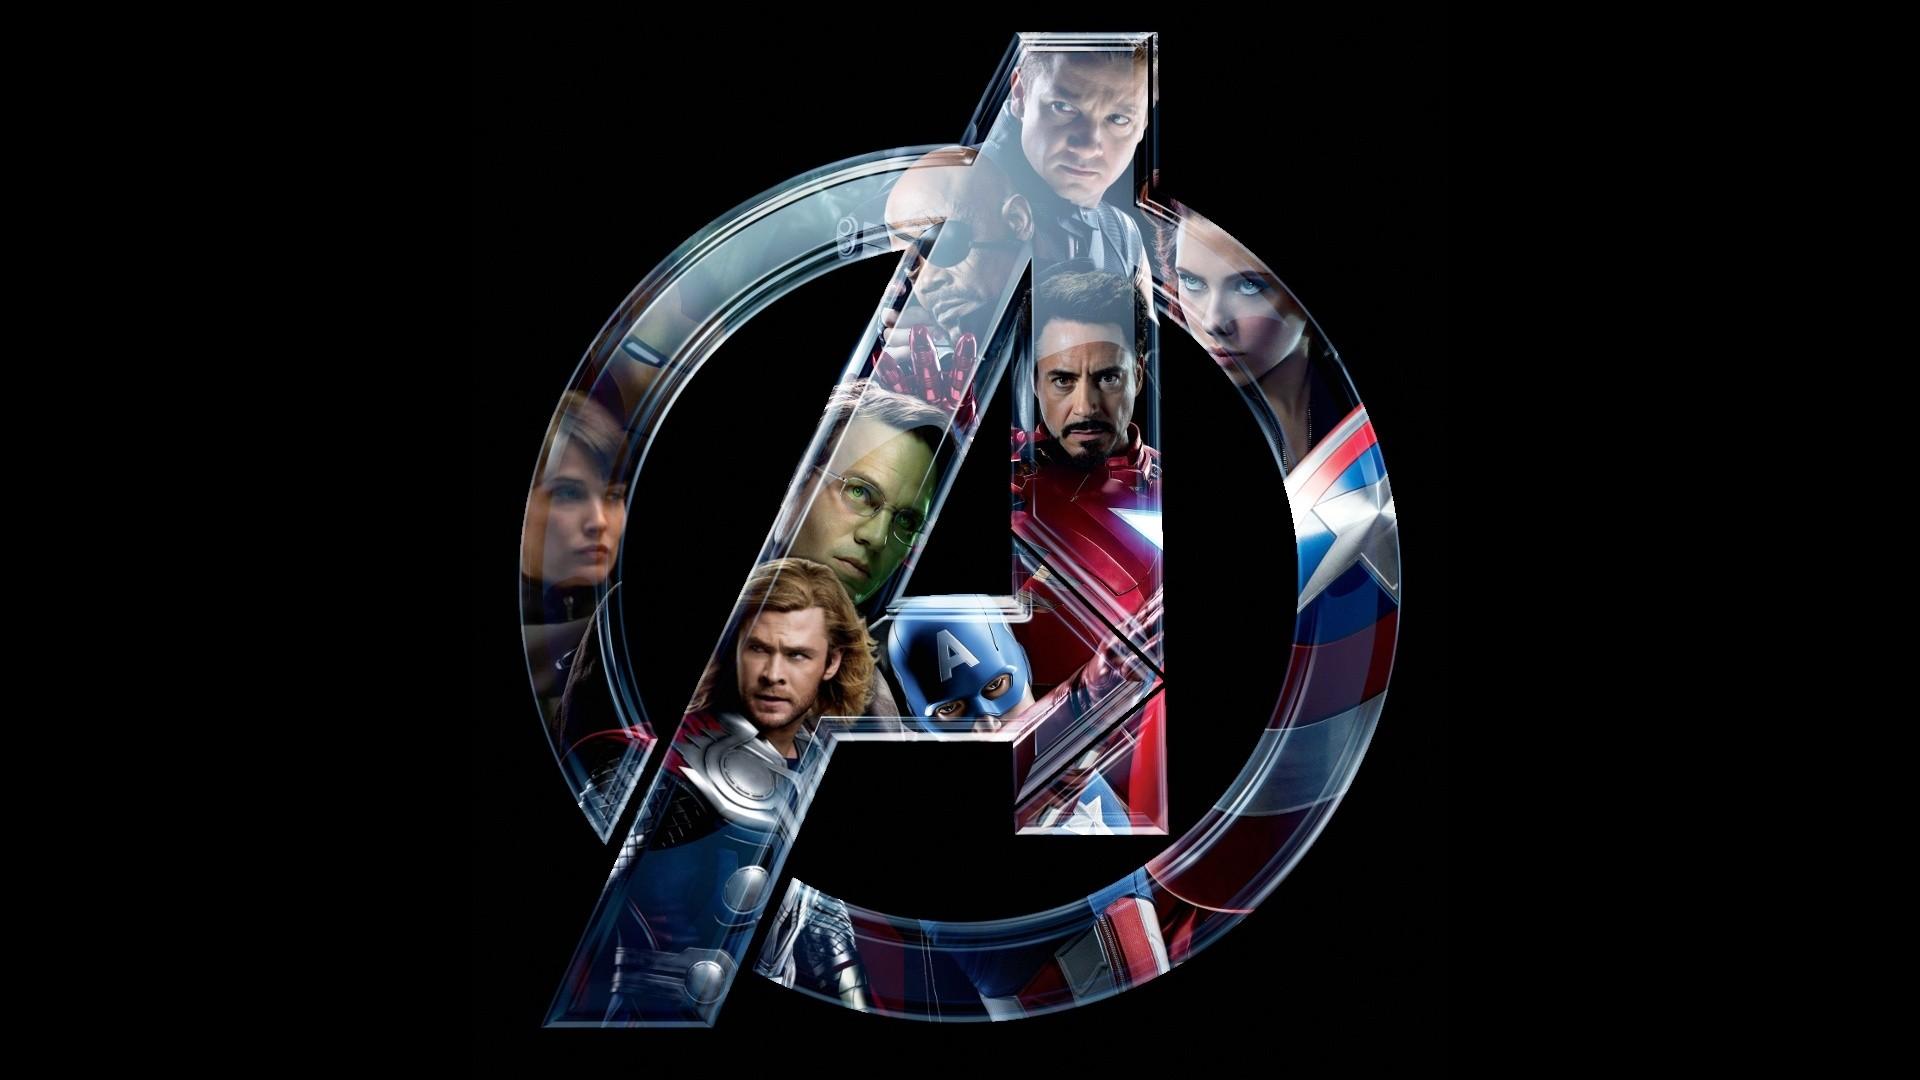 The Avengers   The Avengers Wallpaper 29517833 1920x1080